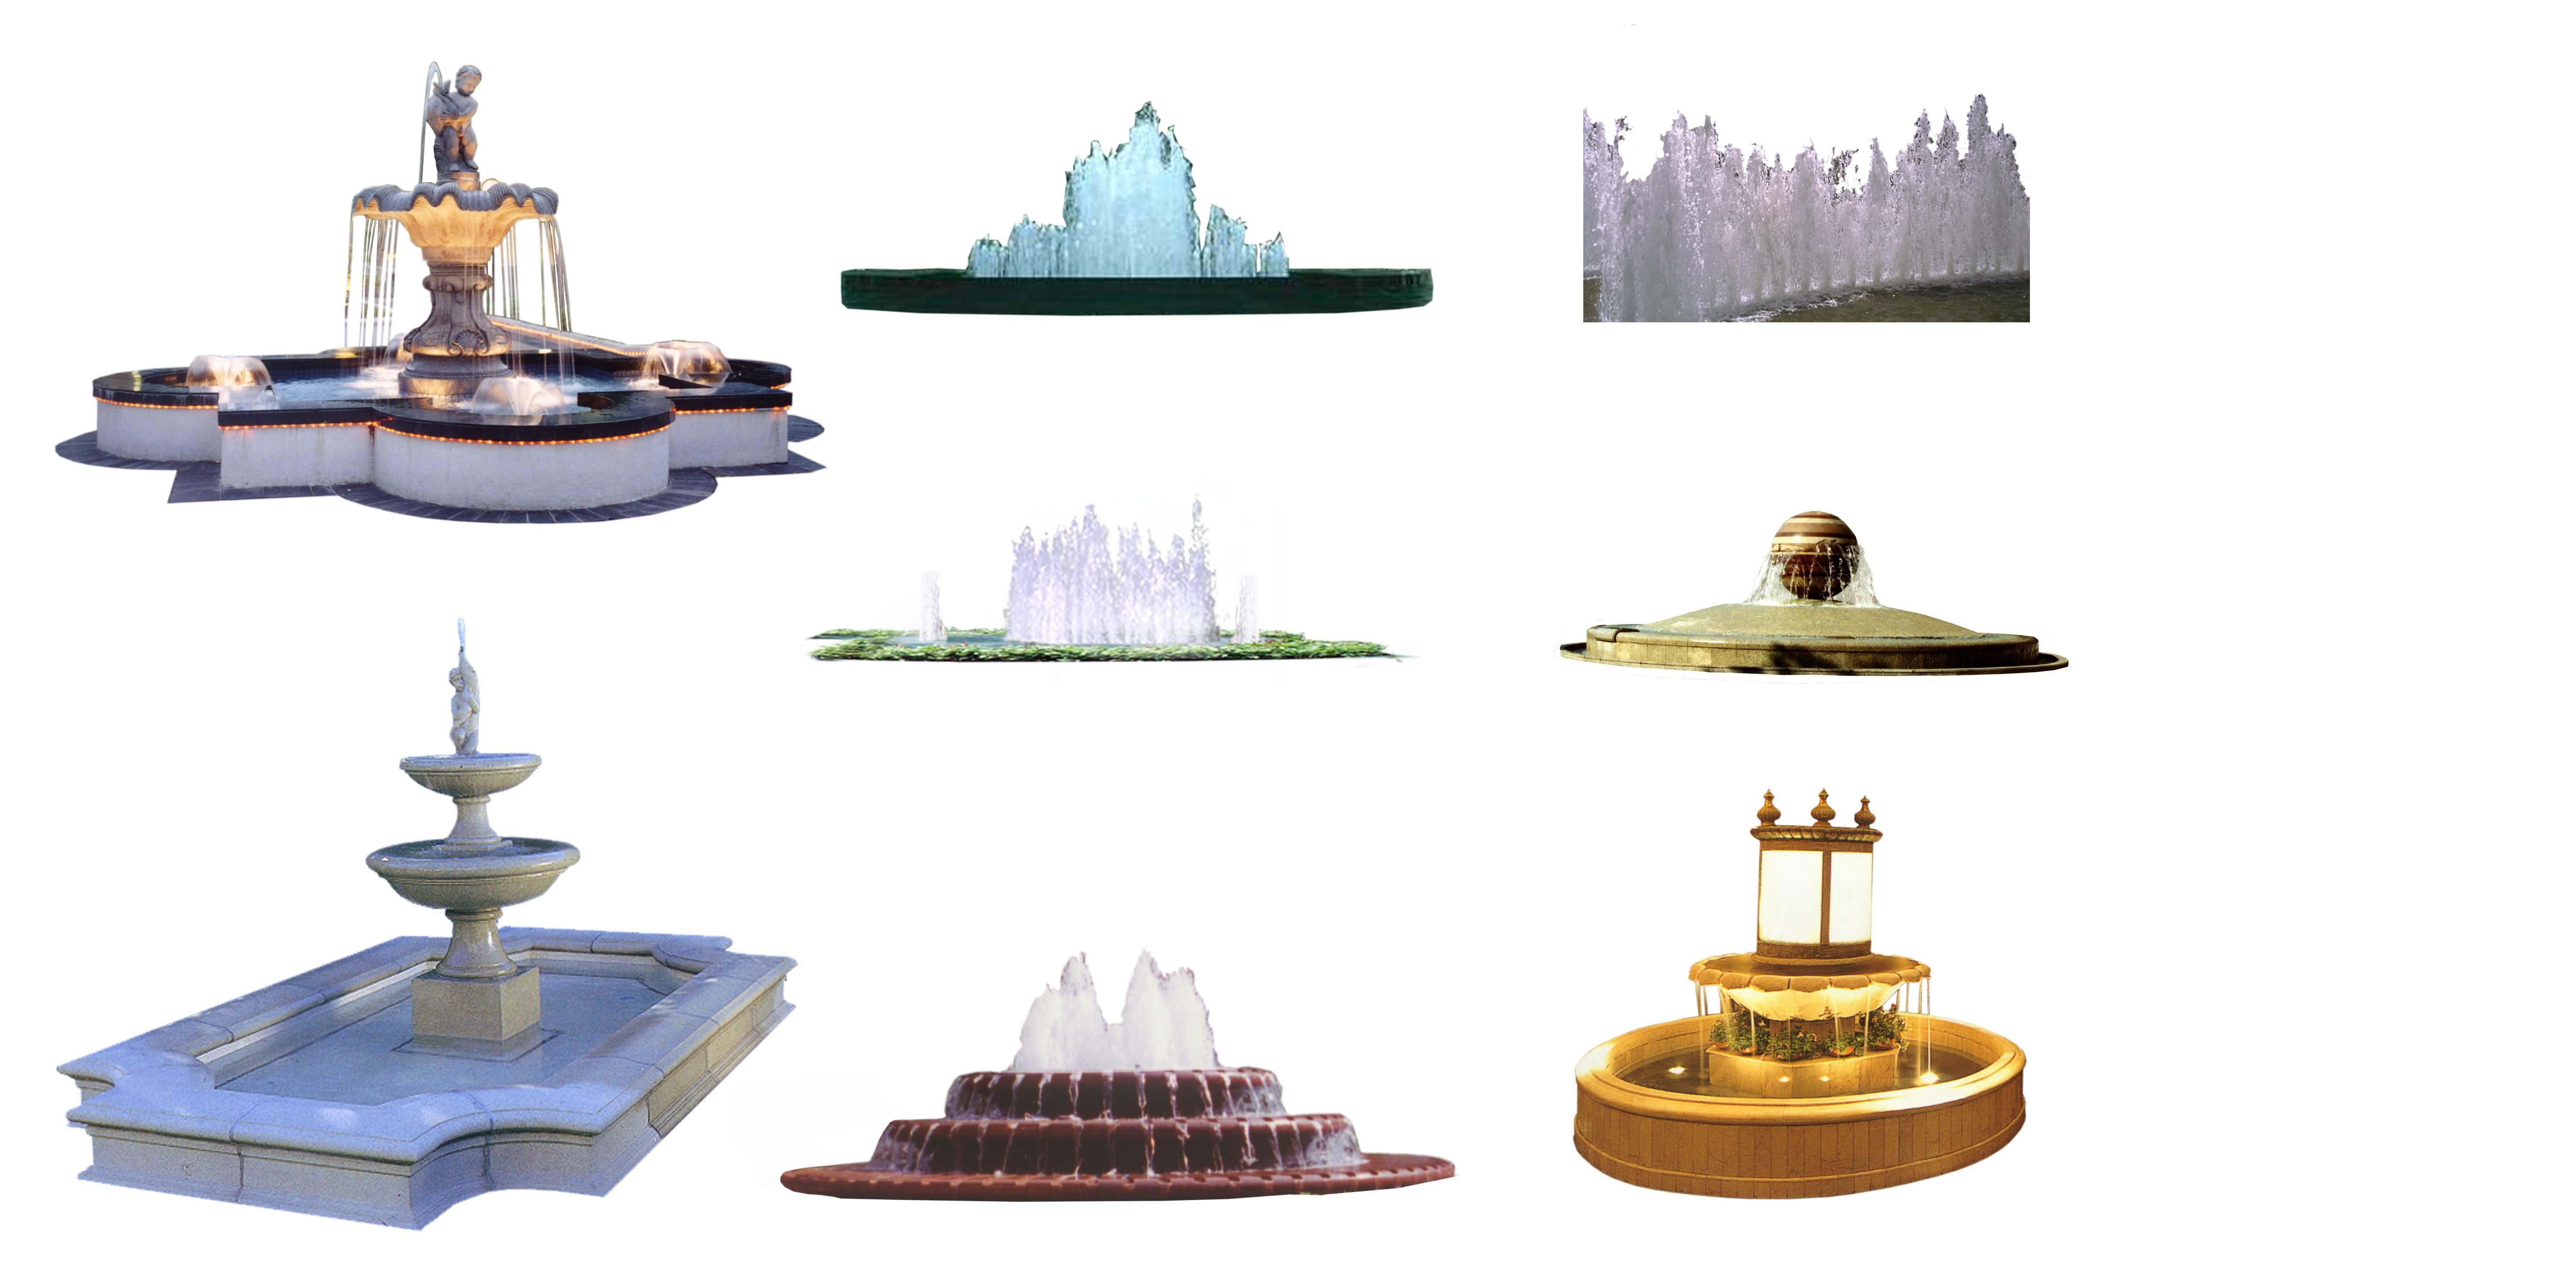 手绘小型喷泉效果图欣赏_手绘小型喷泉效果图相关图片内容